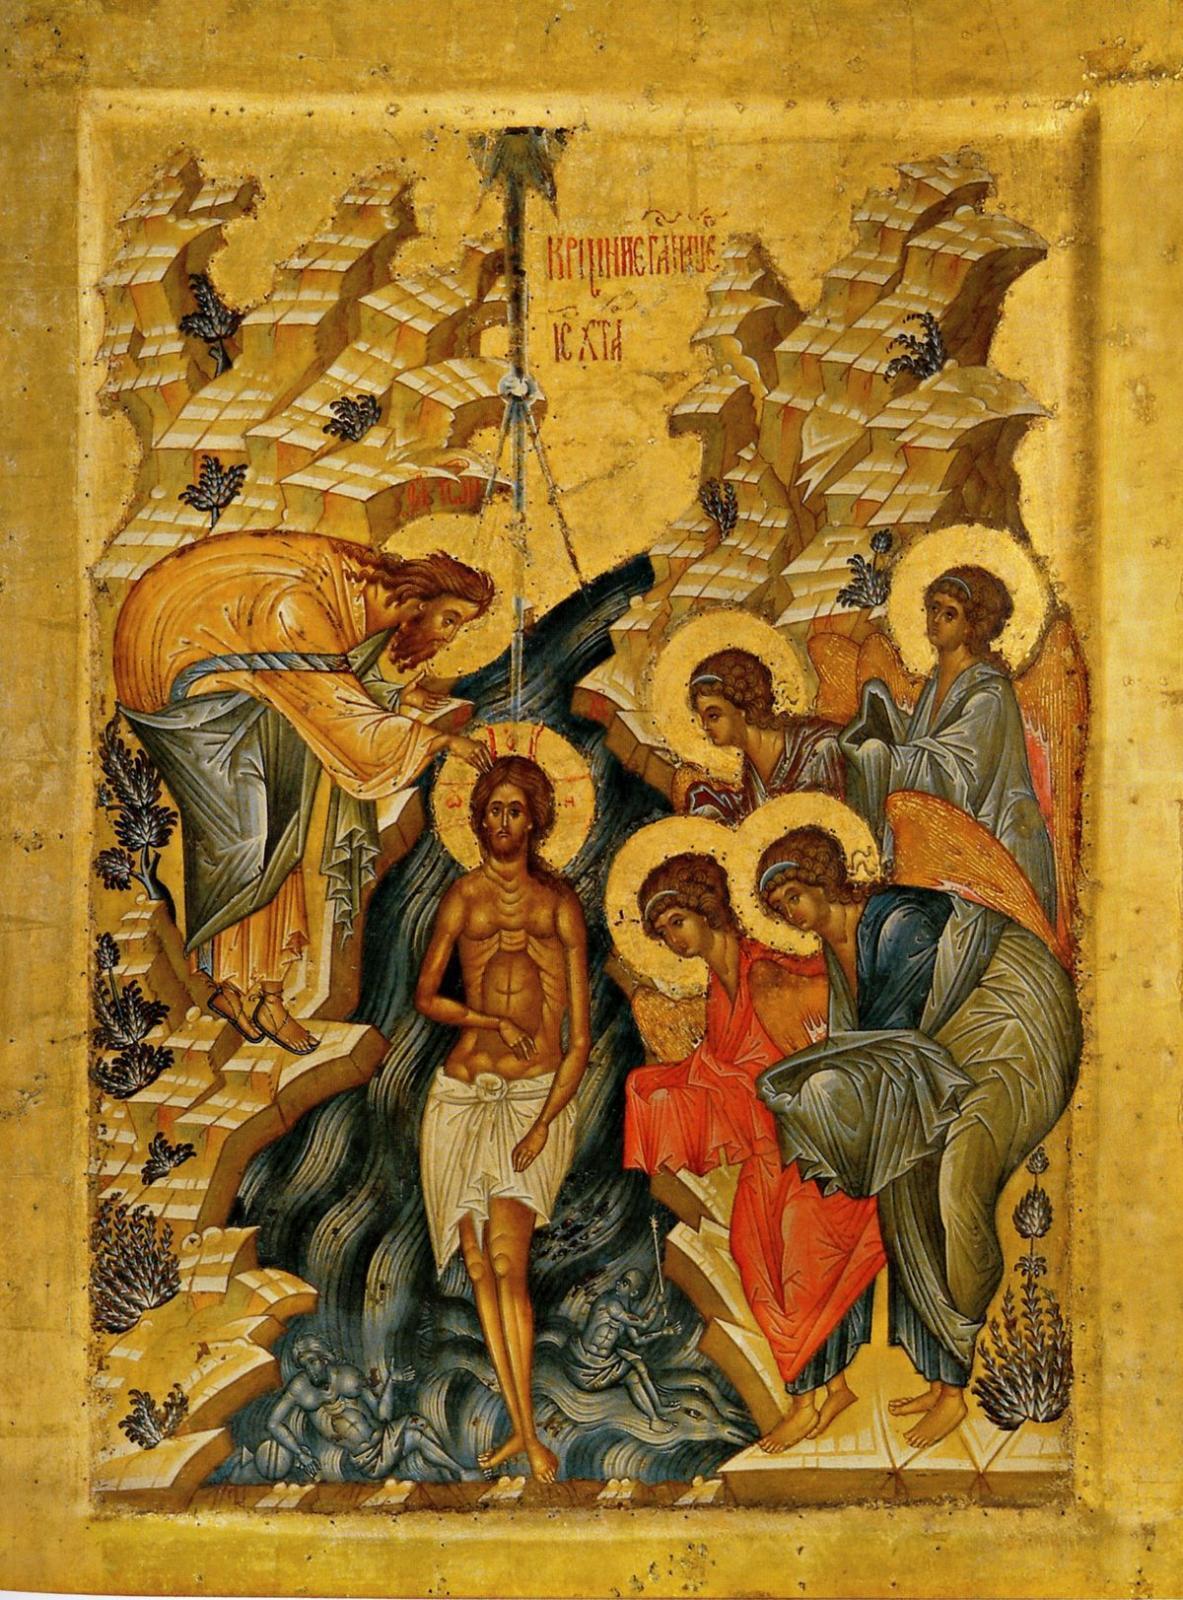 В Крещение также отмечают Богоявление – в честь того, что Бог явил Себя в трех Ипостасях